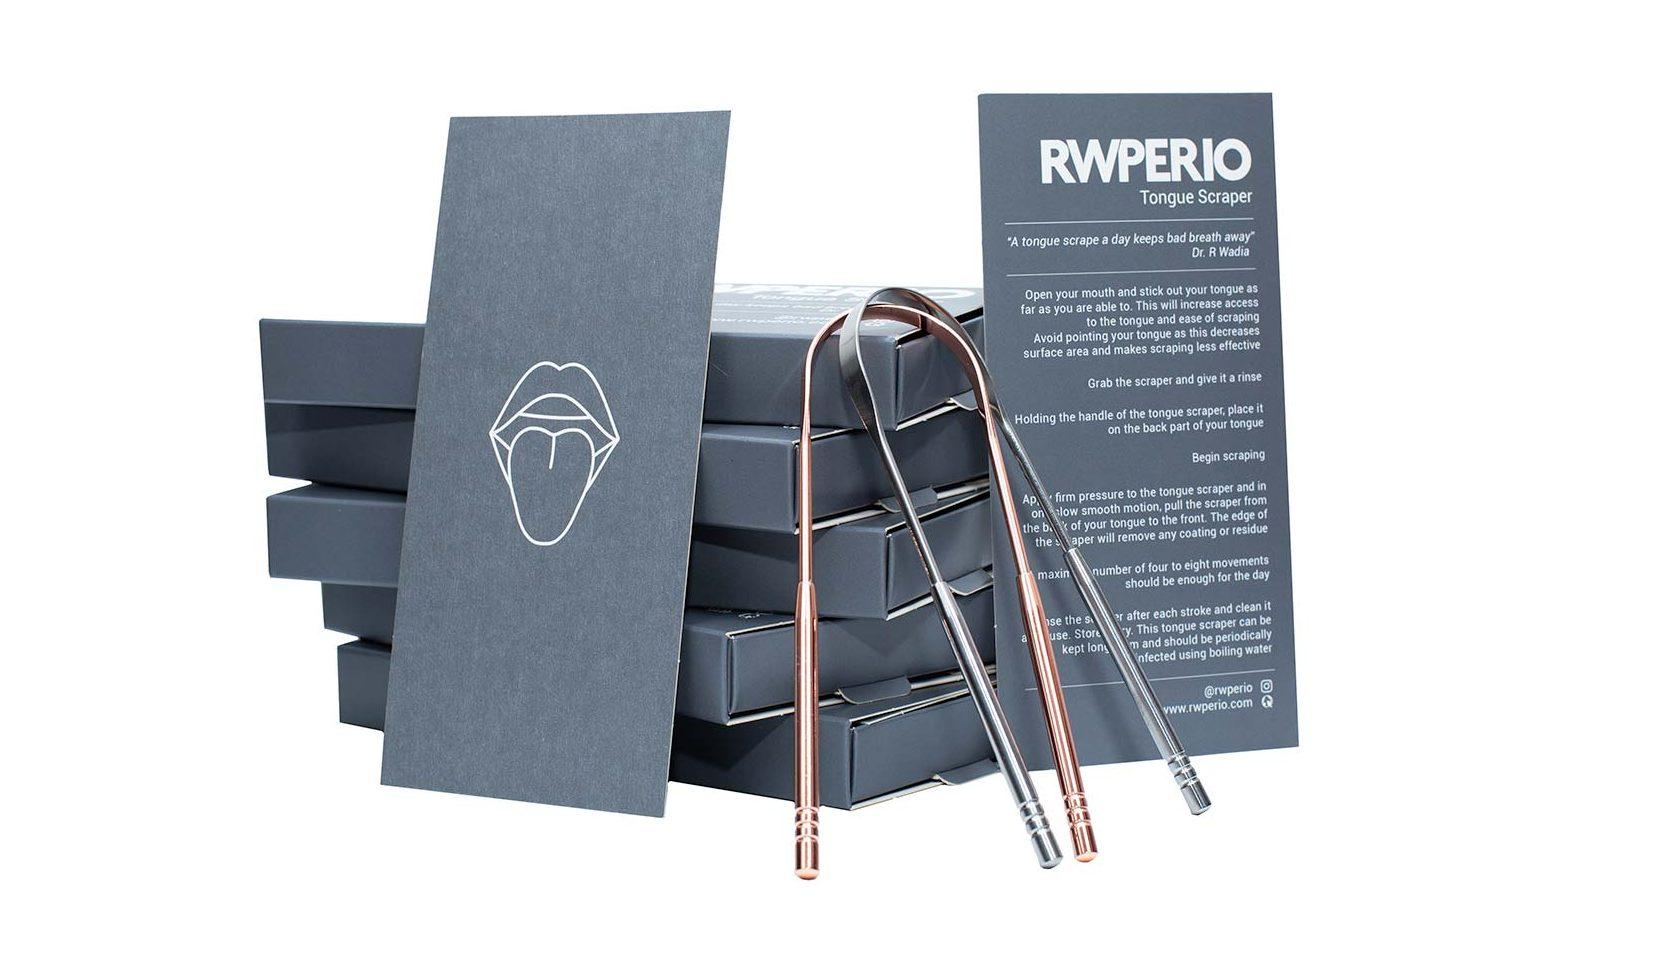 RW Perio launches new tongue scraper